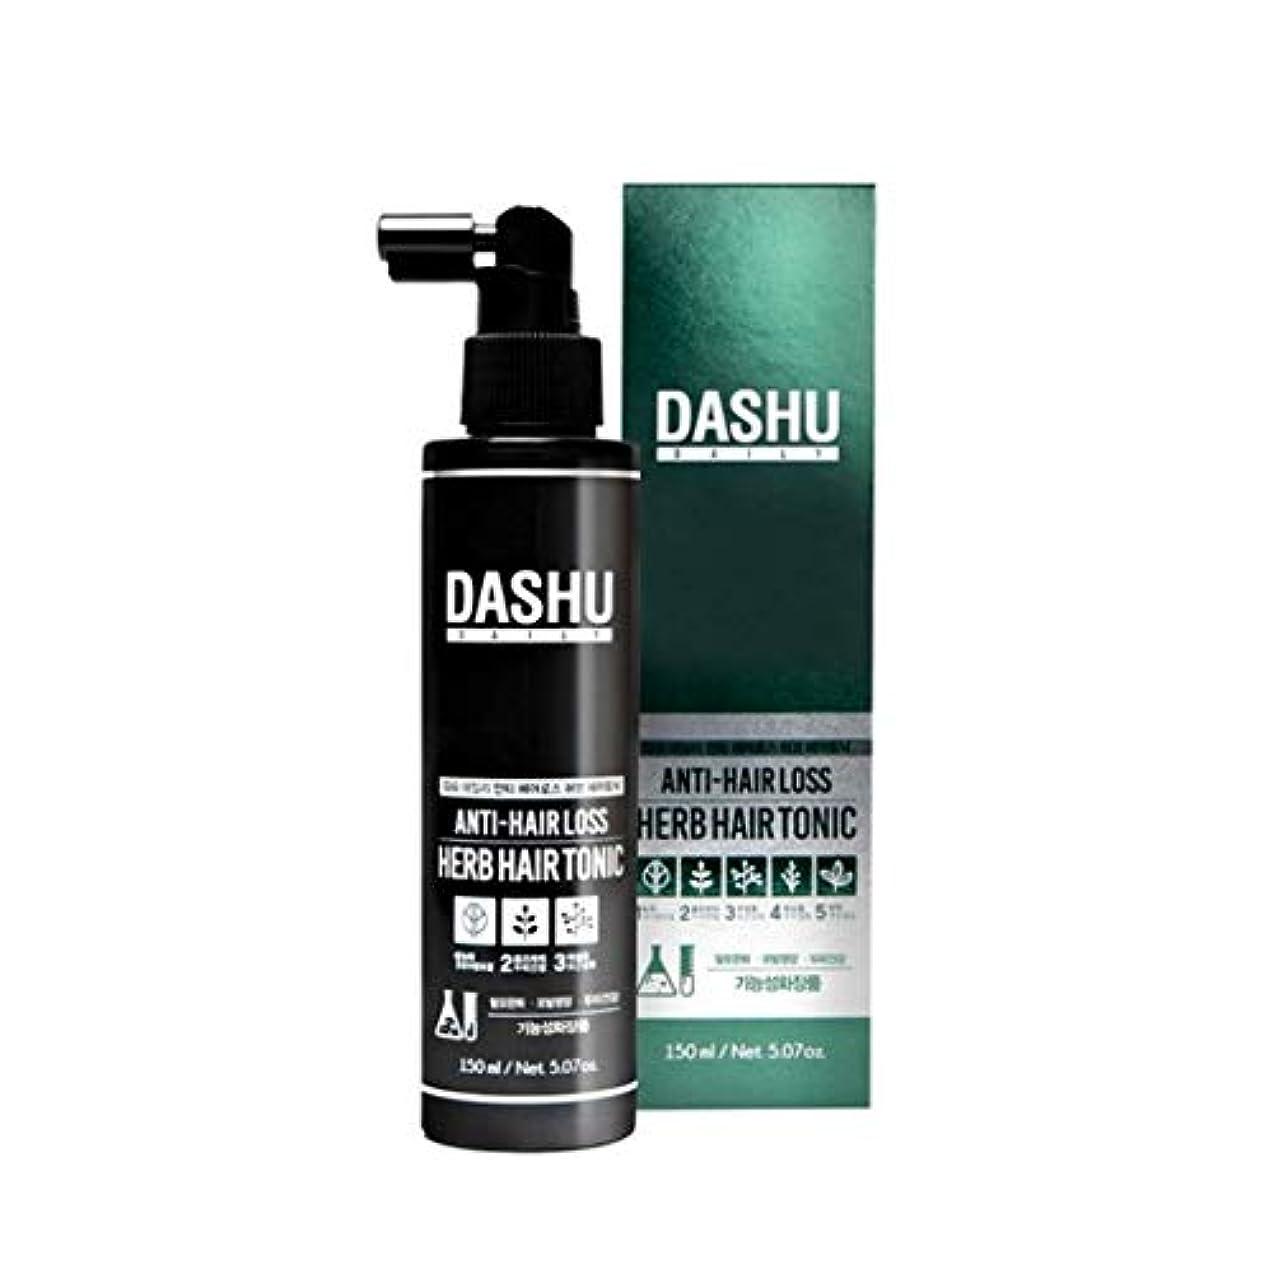 騒々しい火曜日案件ダシュデイリーアンチヘアロスハブヘアトニック150ml韓国コスメ、Dashu Daily Anti-Hair Loss Herb Hair Tonic 150ml Korean Cosmetics {並行輸入品]